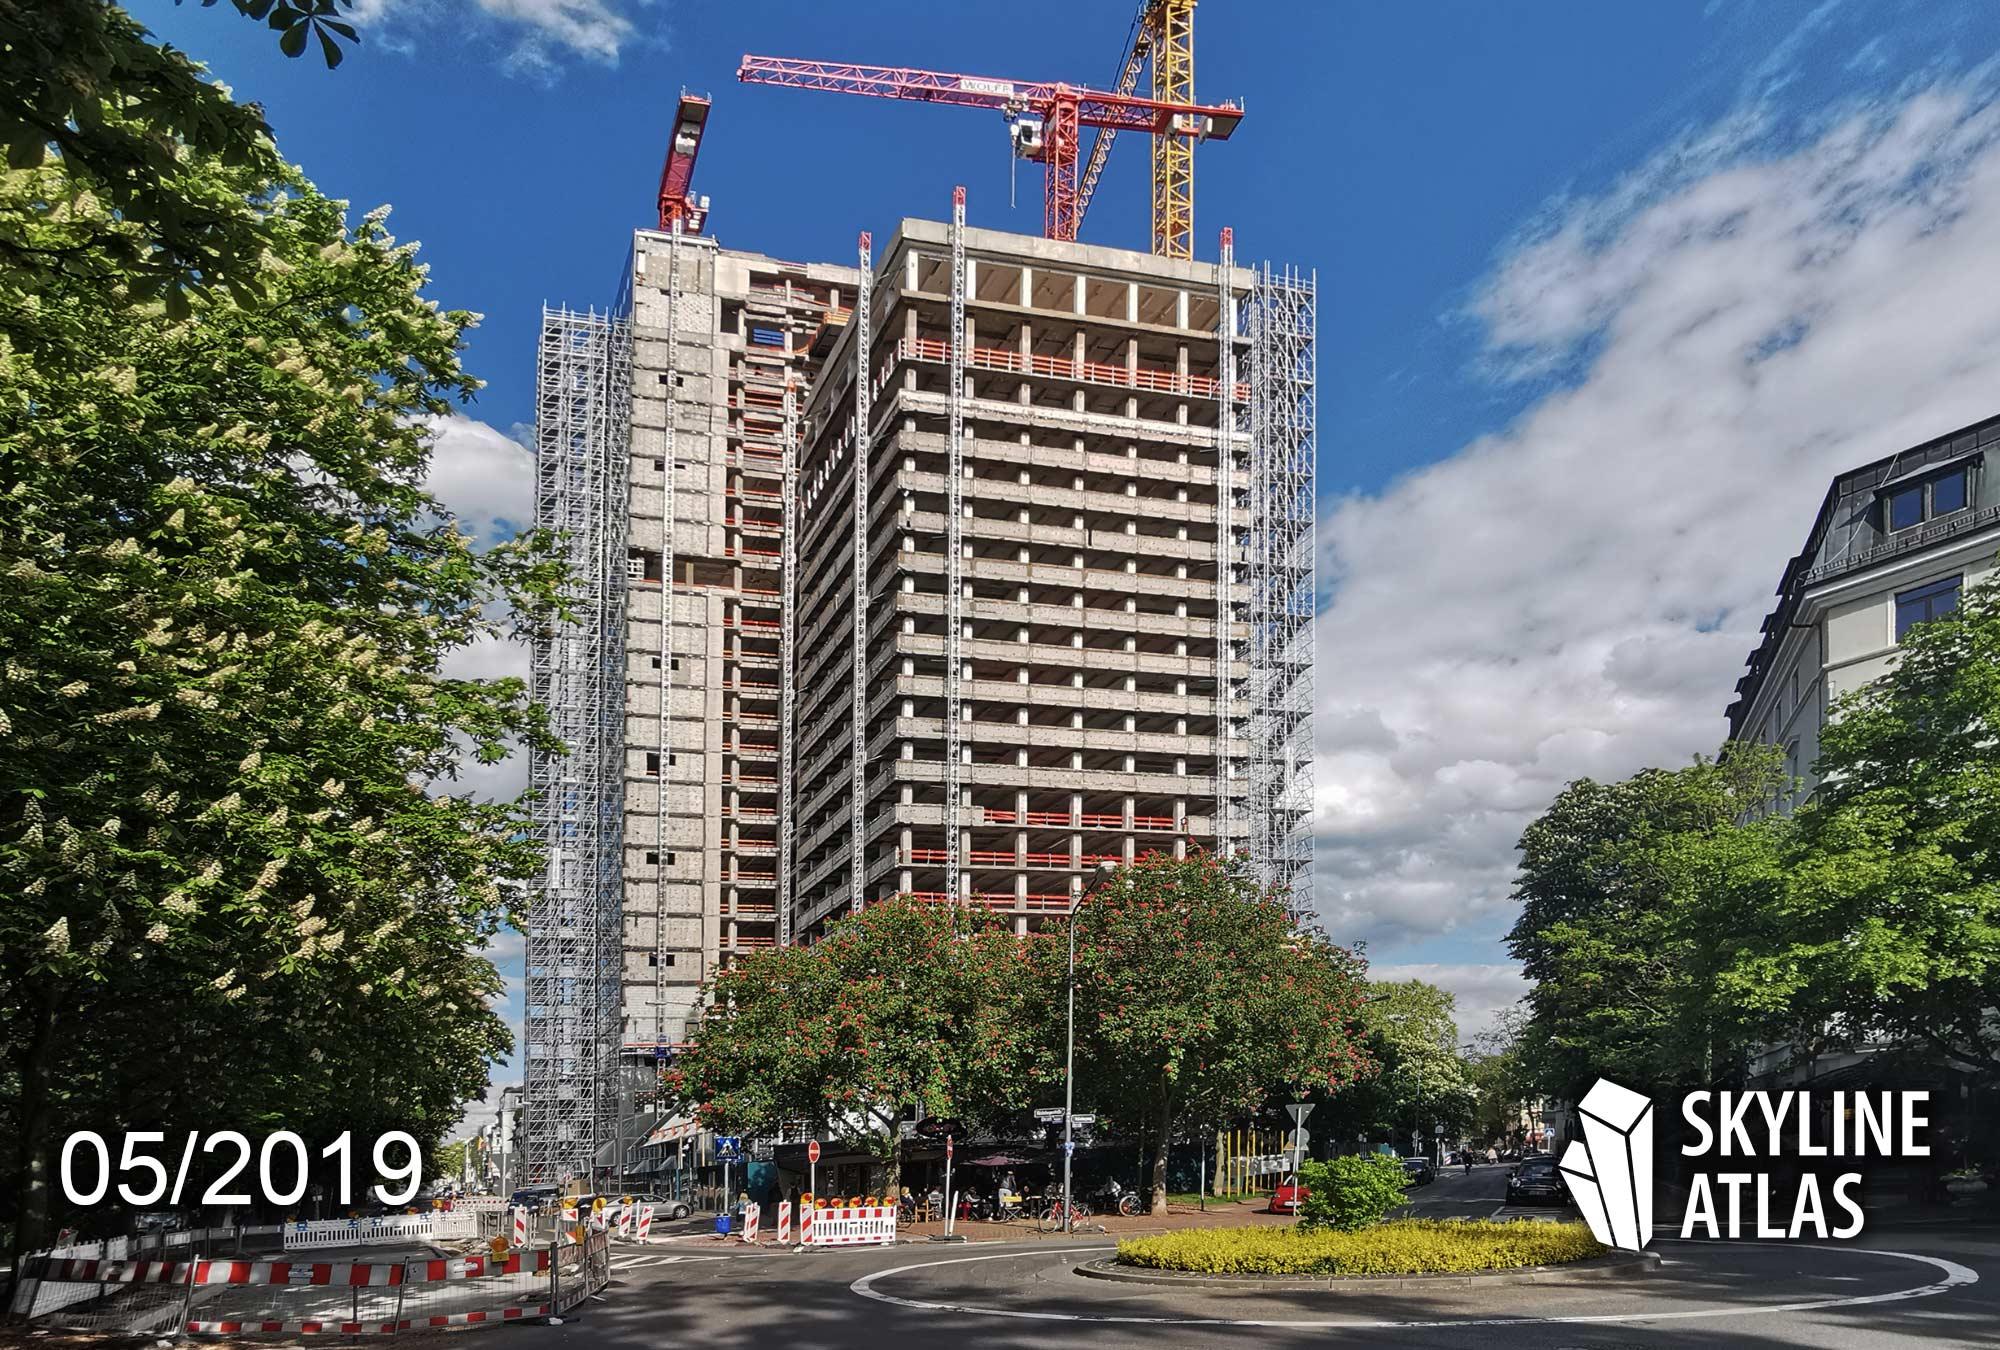 160 Park View Frankfurt Hotel - Hochhaus im Bau - Mai 2019 - Hotelhochhaus